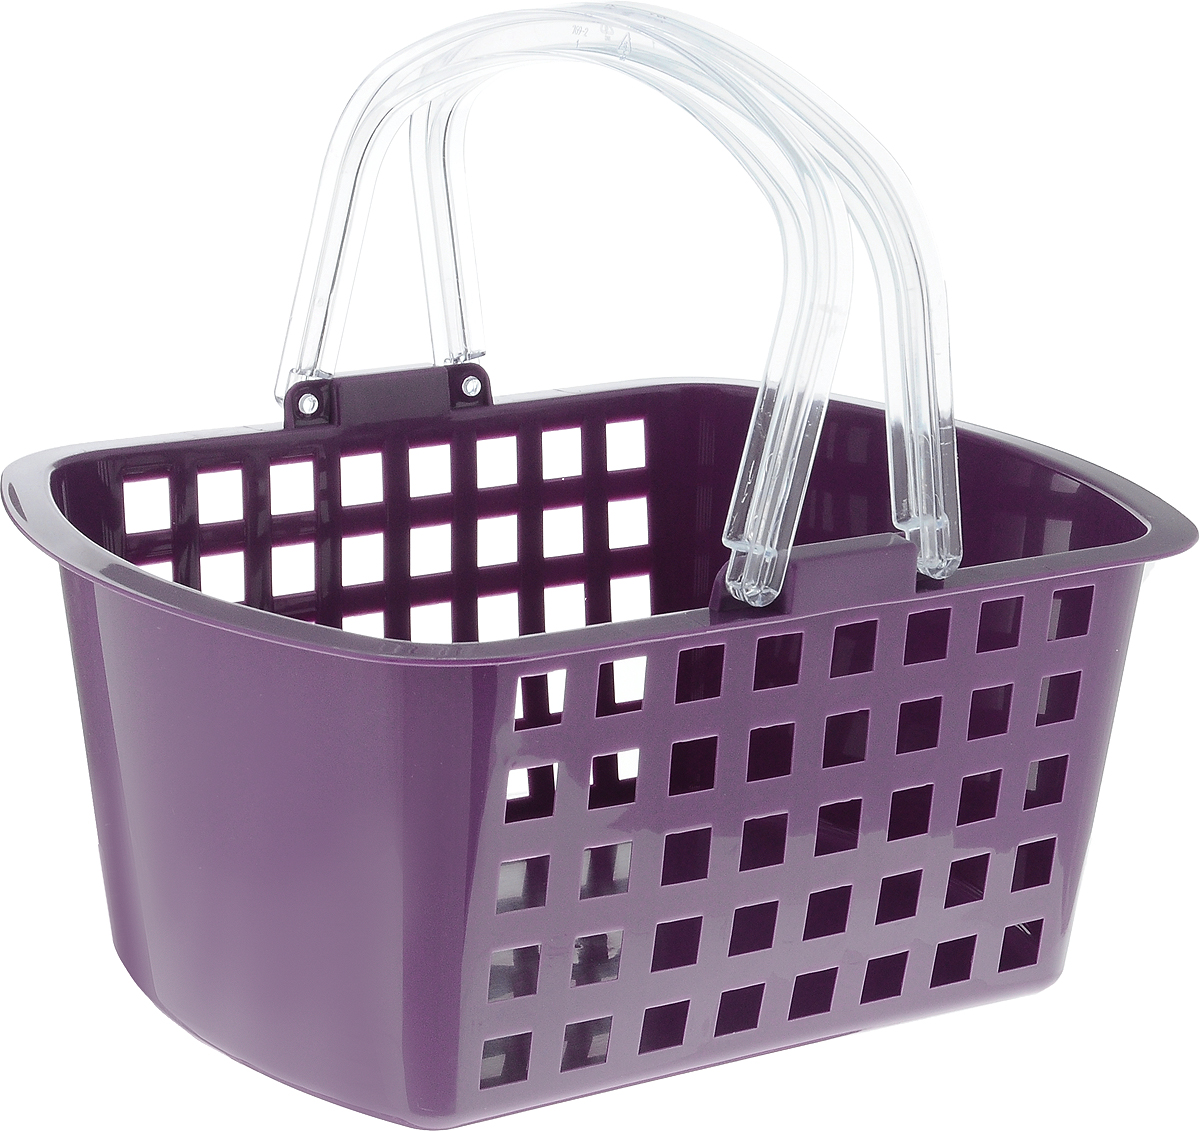 Корзинка универсальная Econova, цвет: фиолетовый, прозрачный, 31 х 24 х 15 смБрелок для ключейУниверсальная корзина Econova, изготовленная из высококачественного прочного пластика, предназначена для хранения мелочей в ванной, на кухне, даче или гараже. Изделие оснащено двумя удобными складными ручками. Дно сплошное, а стенки имеют перфорацию. Это легкая корзина с жесткой кромкой позволит хранить мелкие вещи, исключая возможность их потери.